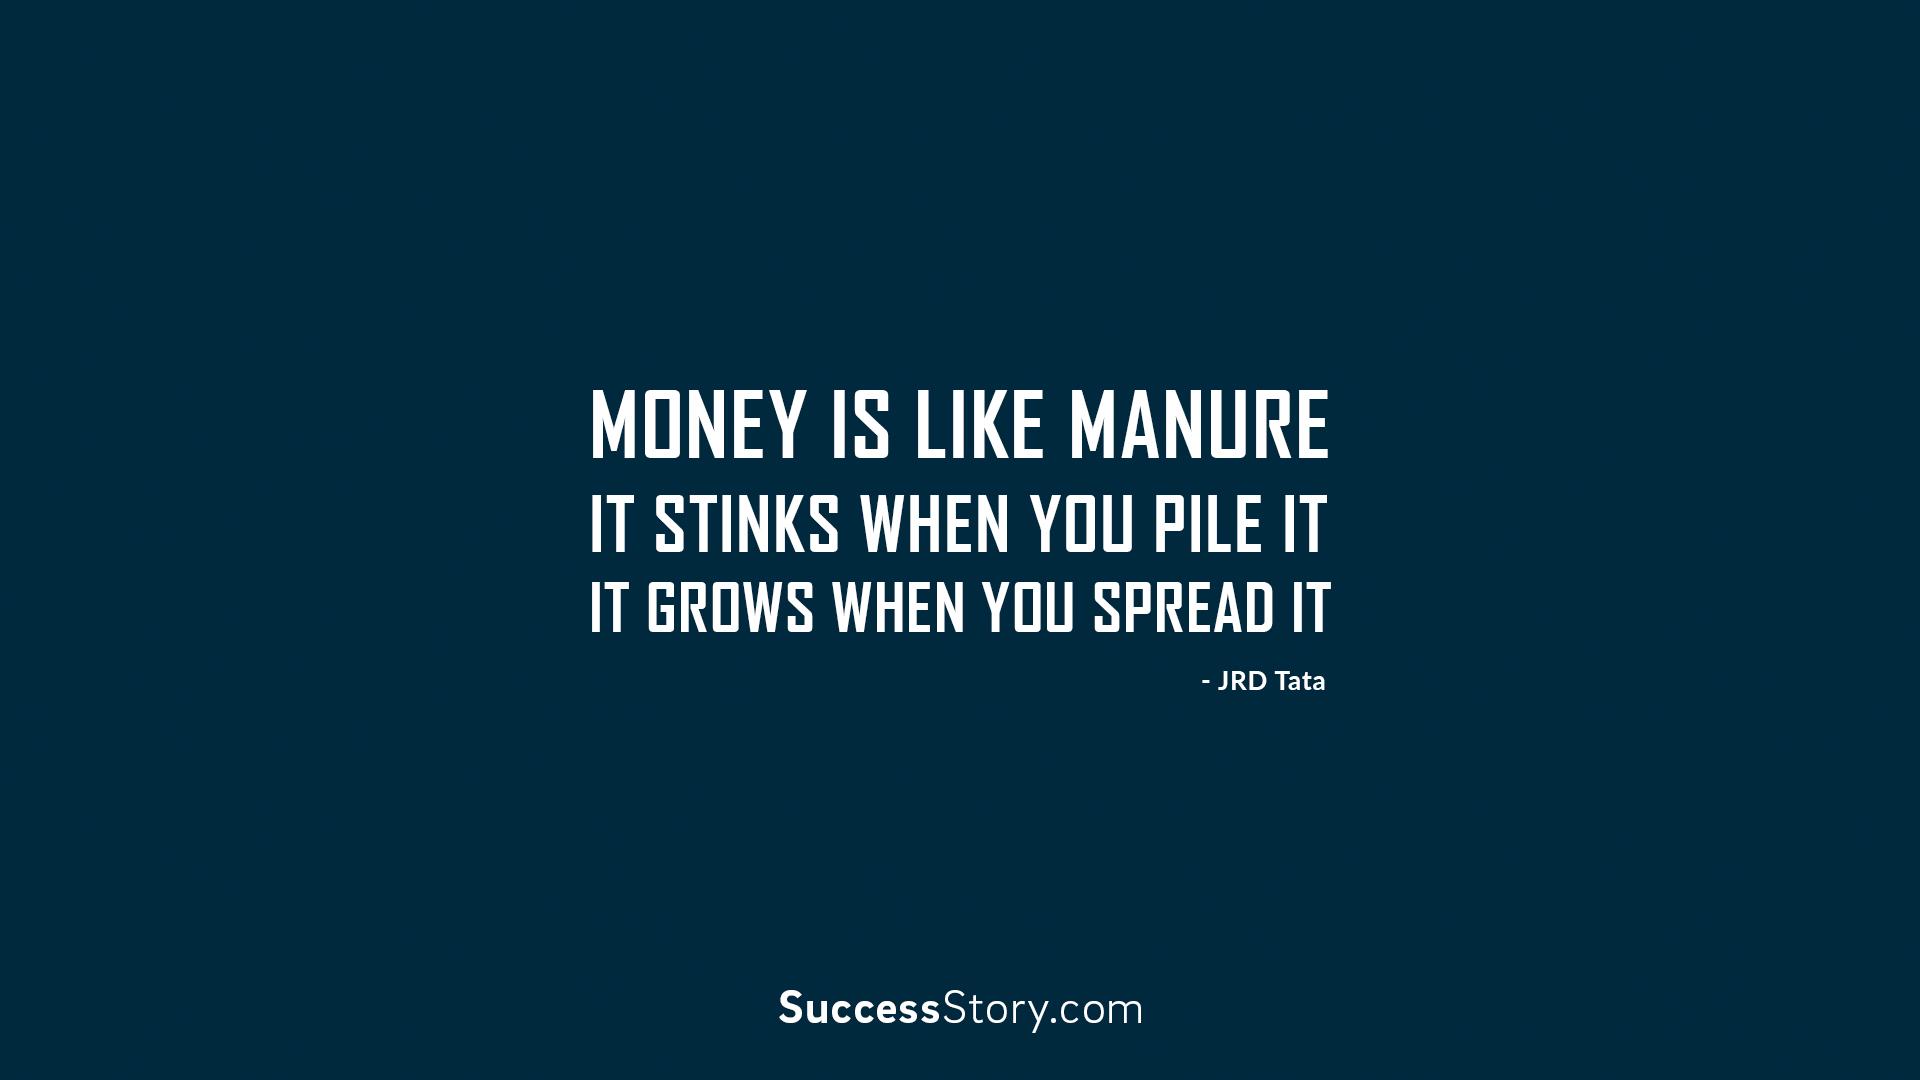 Money is like